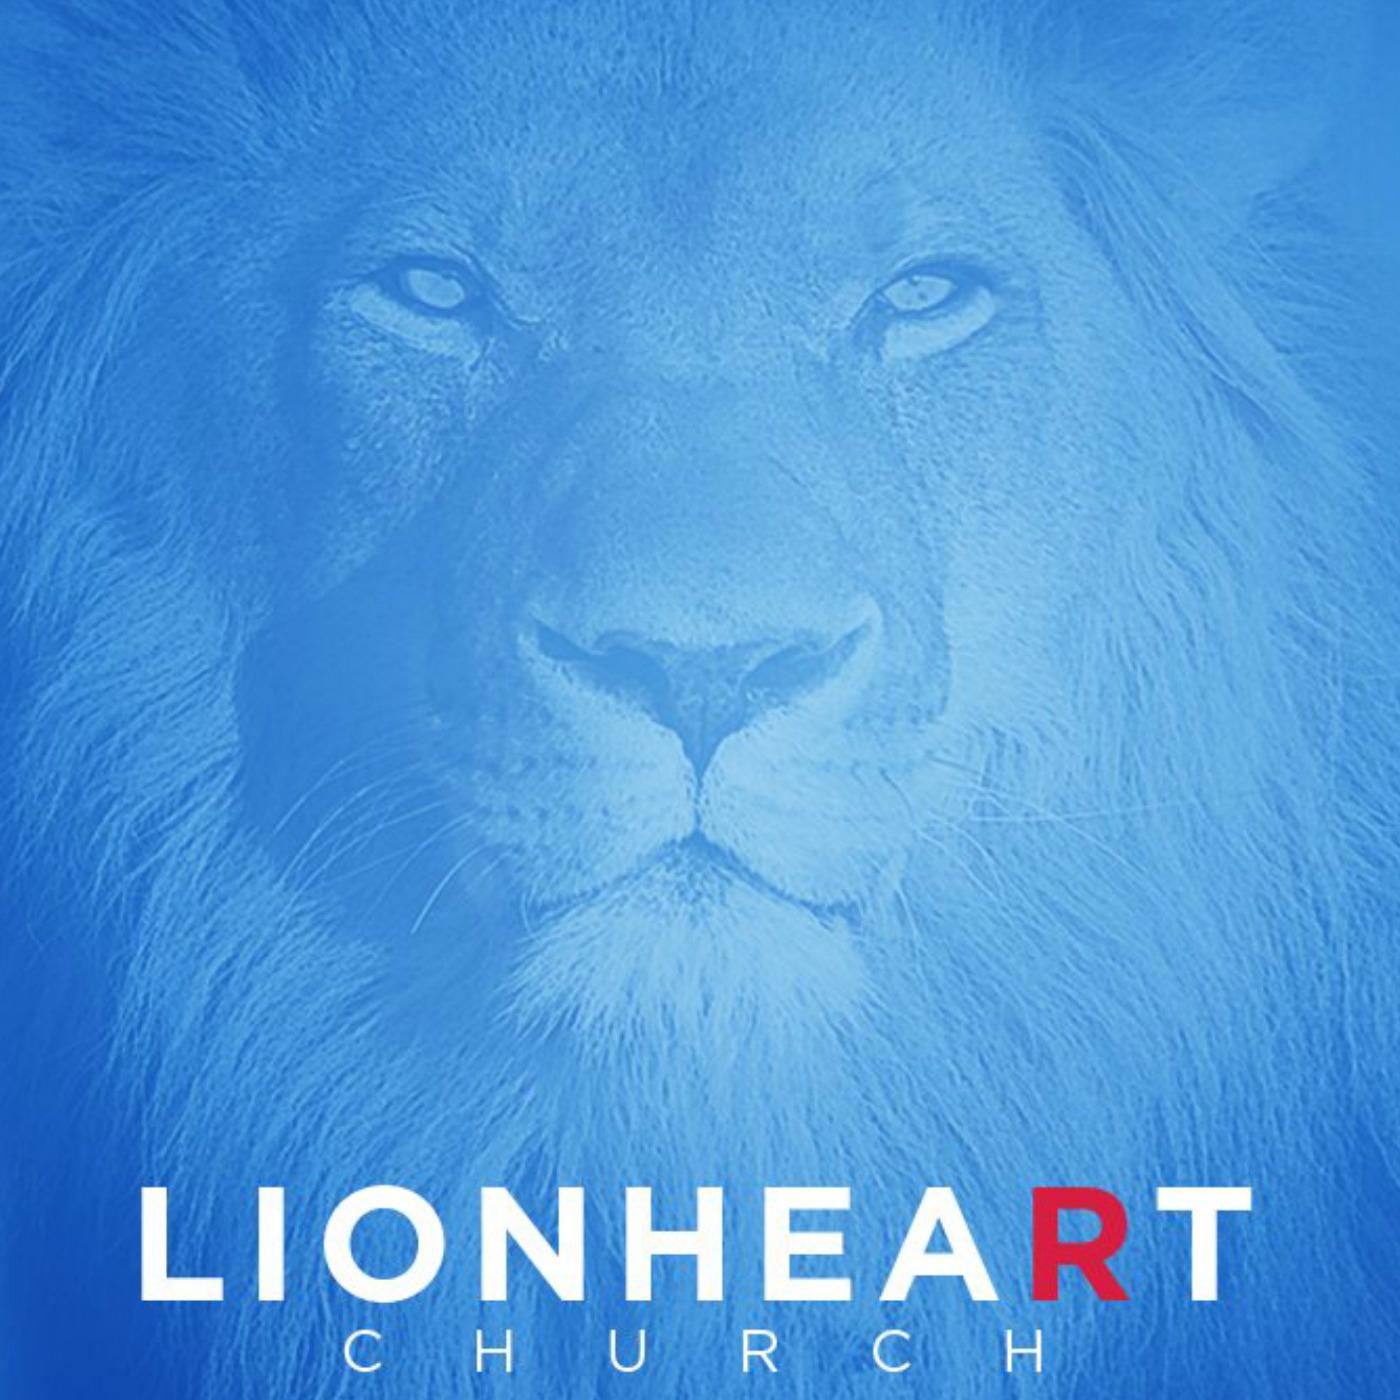 Lionheart Church